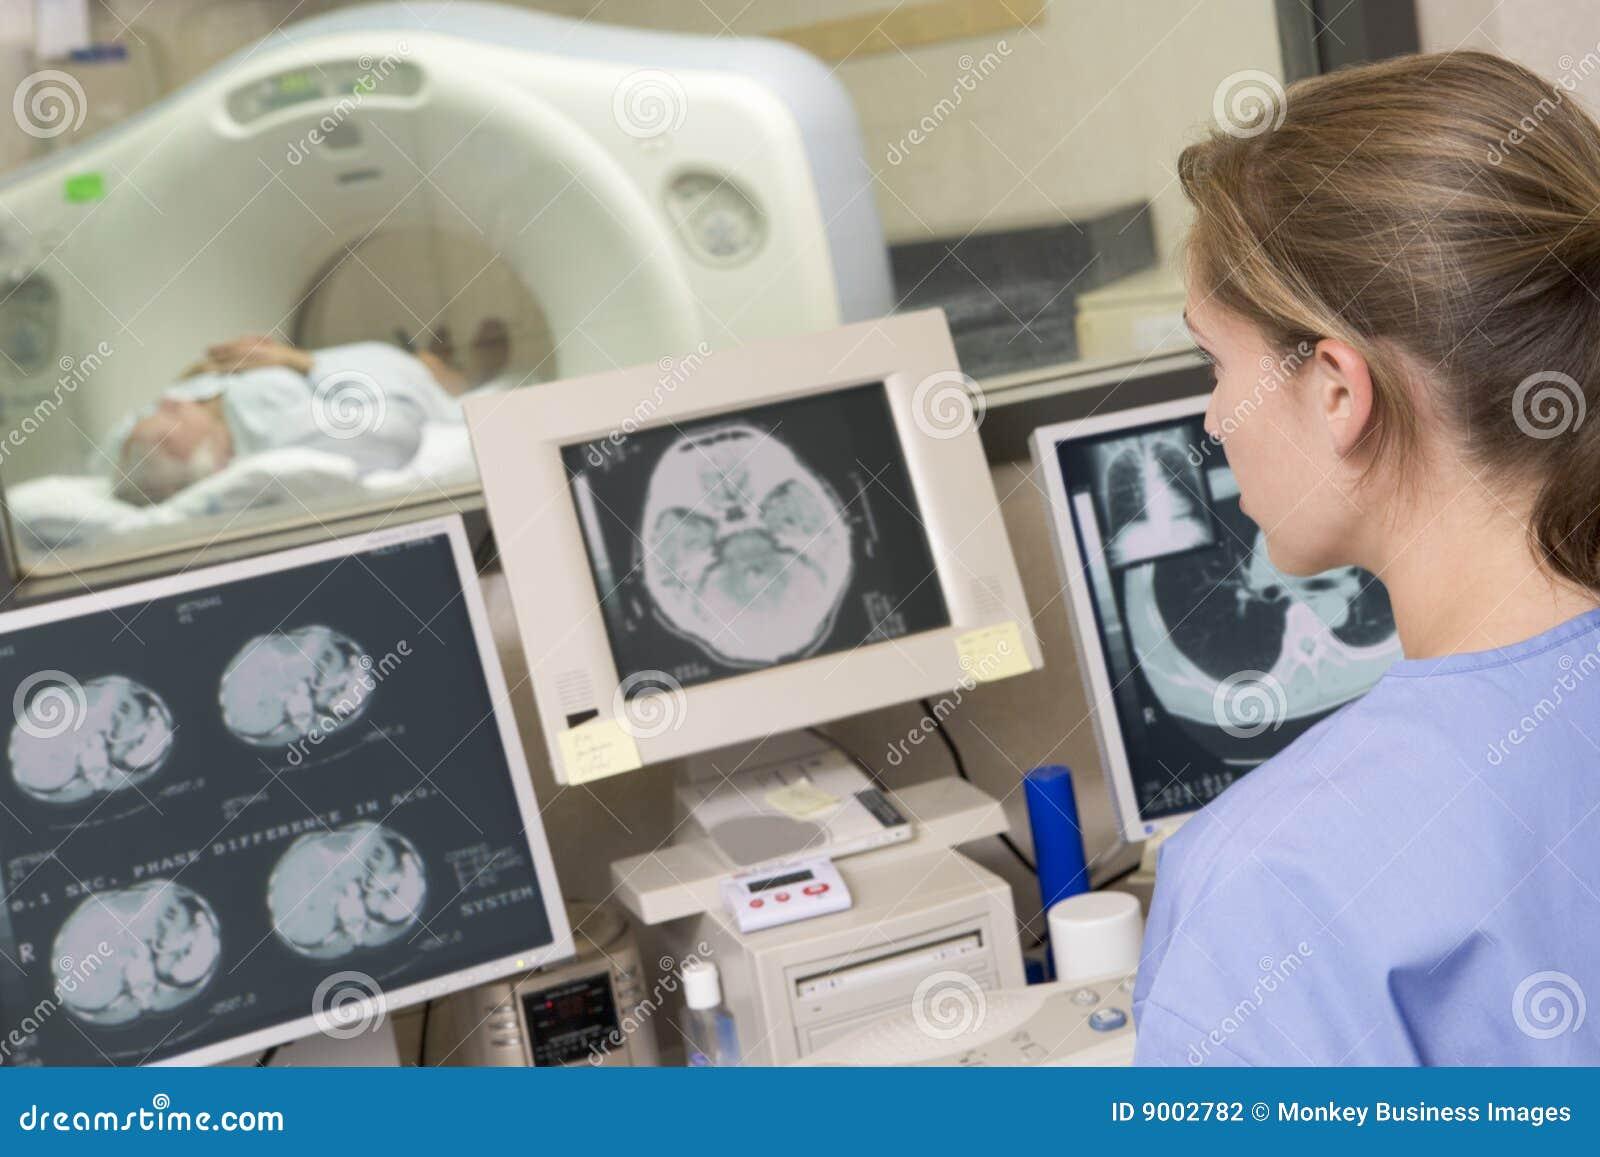 Kot ma monitorowanie pielęgniarki cierpliwego obraz cyfrowy